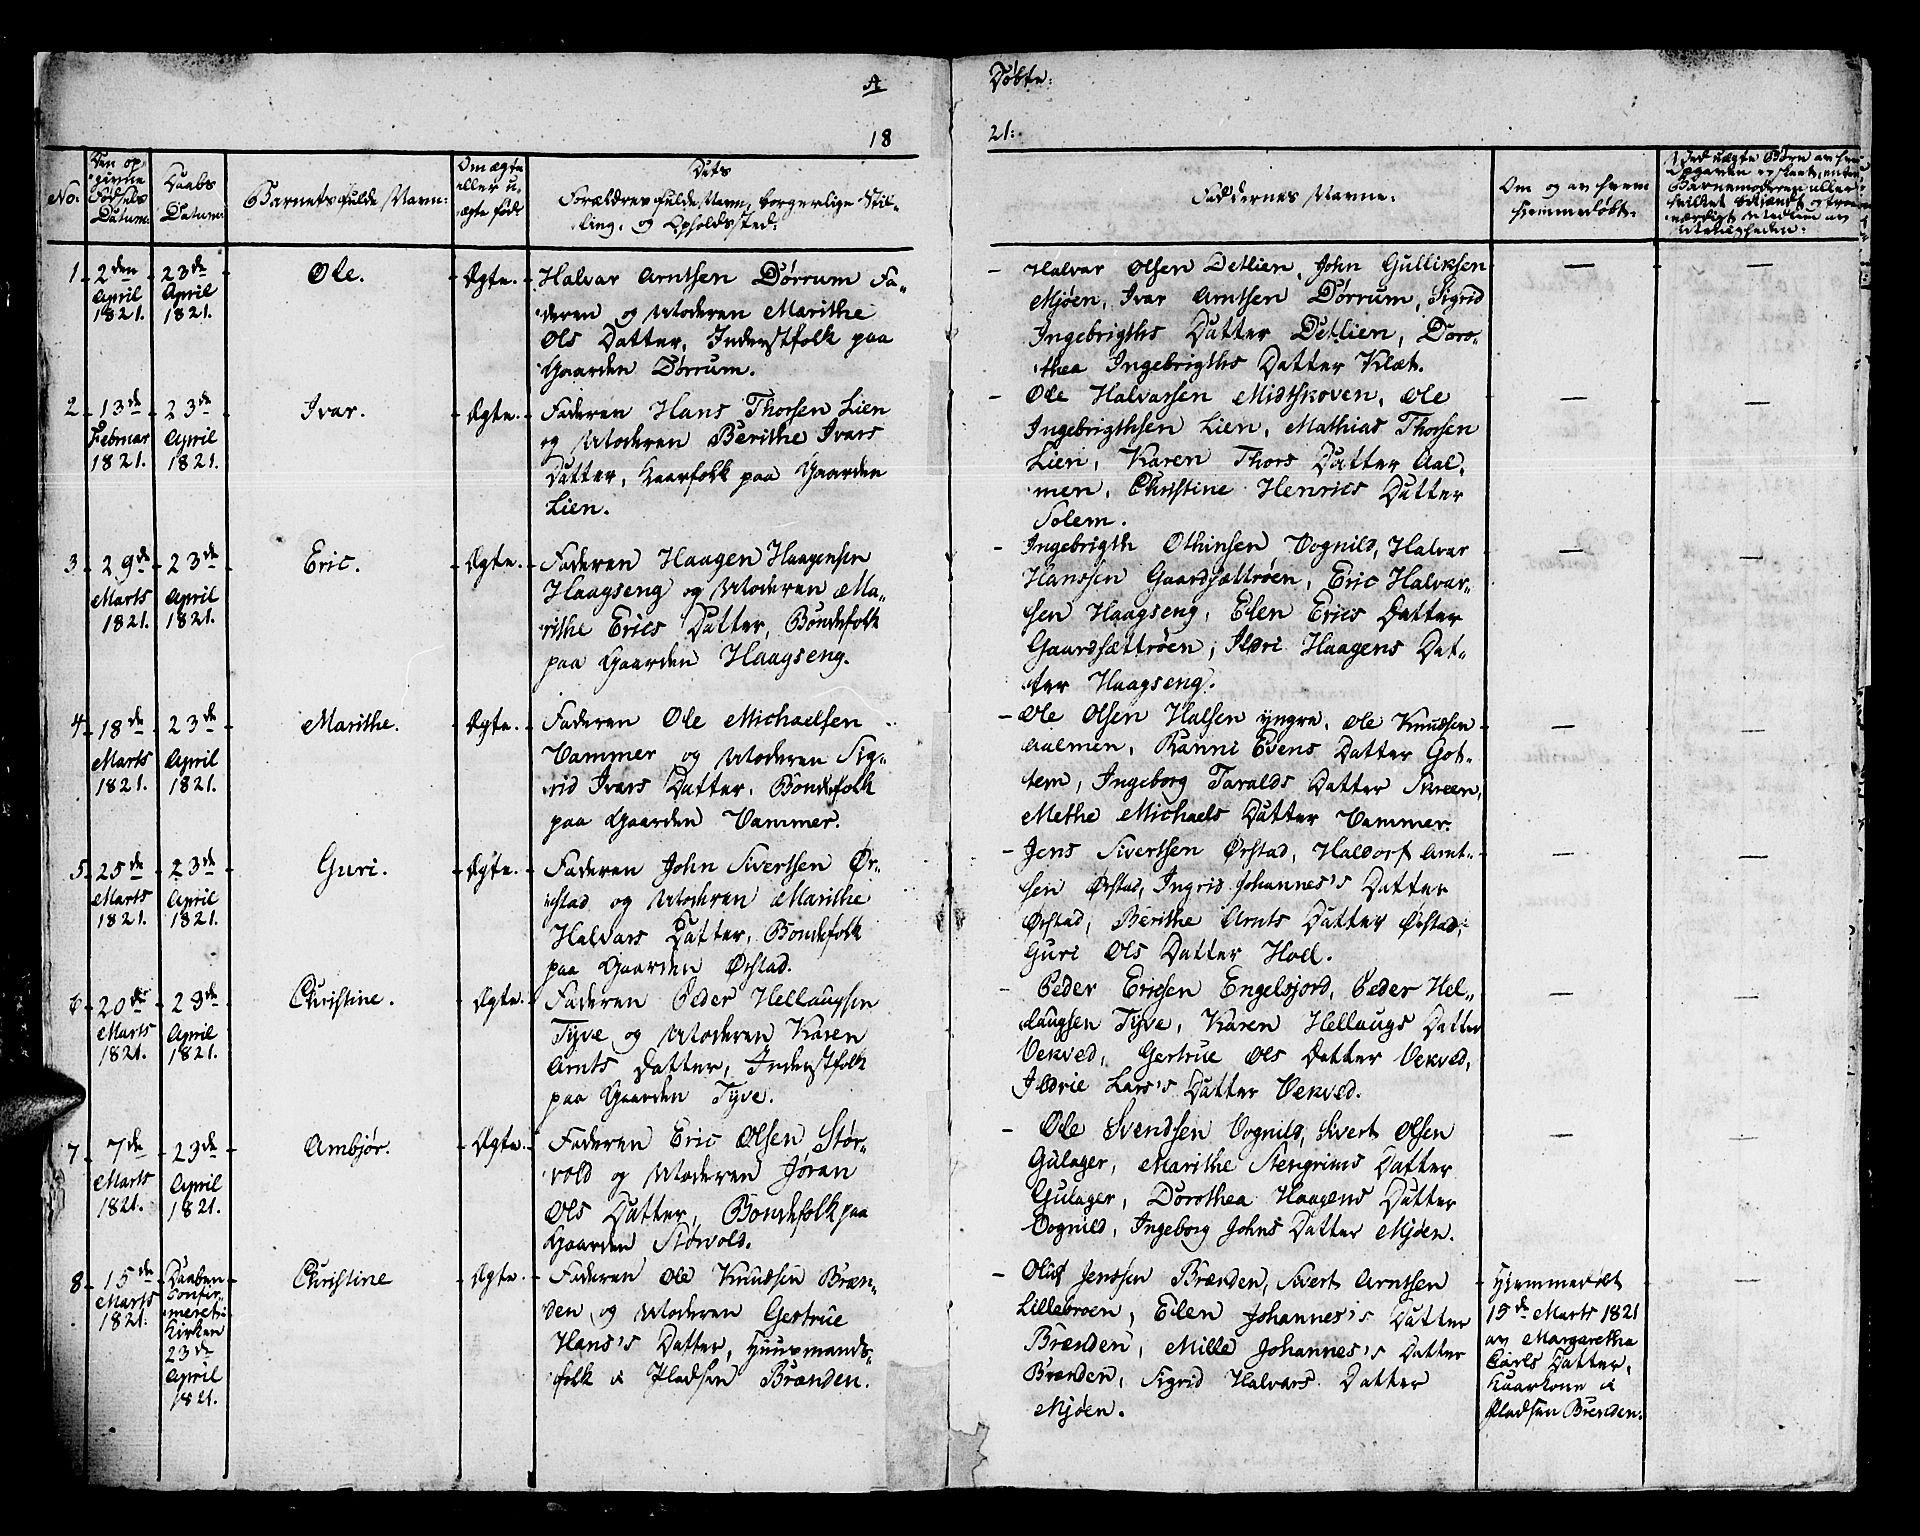 SAT, Ministerialprotokoller, klokkerbøker og fødselsregistre - Sør-Trøndelag, 678/L0897: Ministerialbok nr. 678A06-07, 1821-1847, s. 2